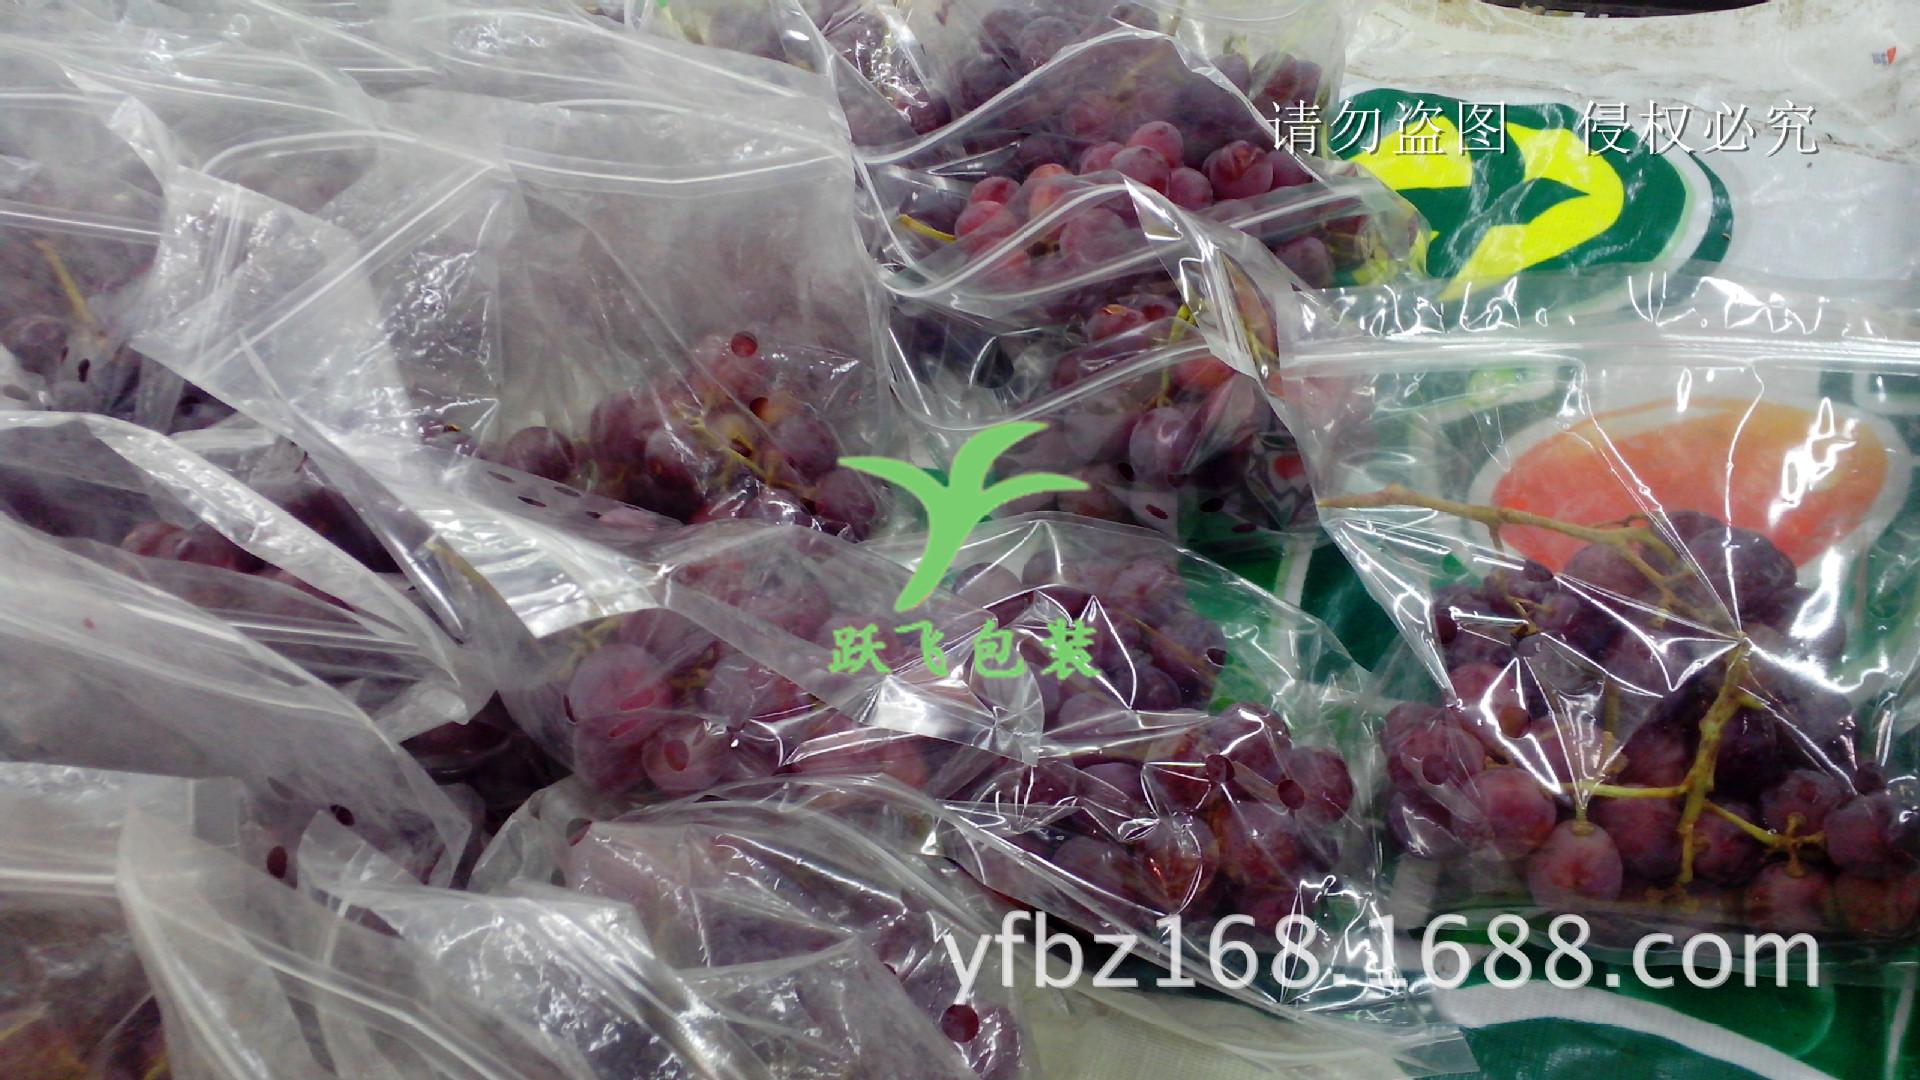 水果袋食物应用案例图